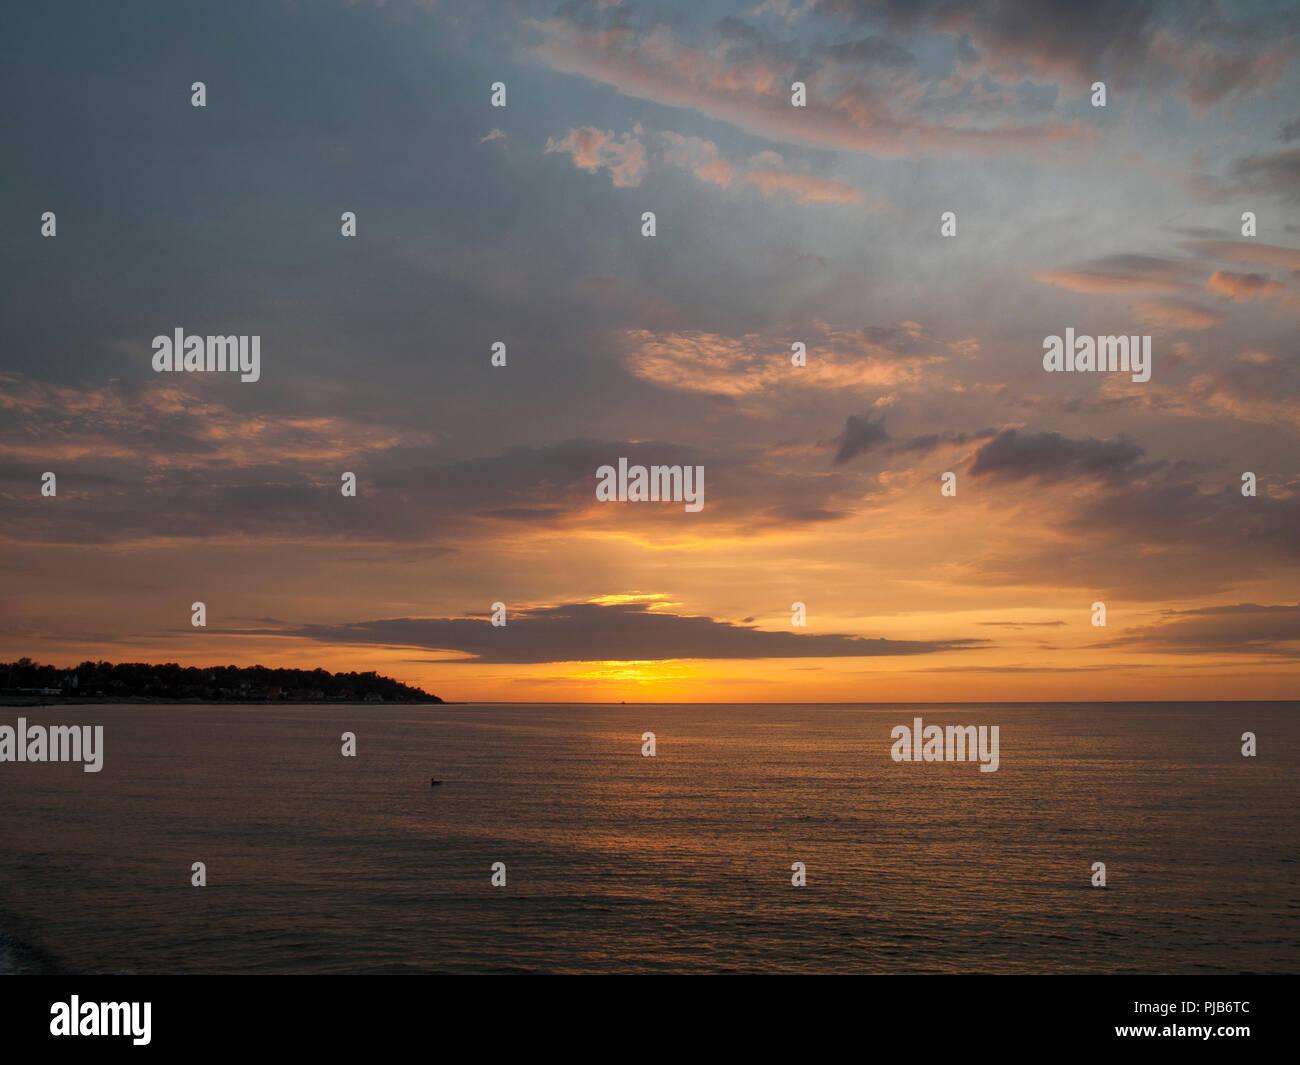 Sunset on the Kattegatt north of Sjaelland, Denmark. - Stock Image